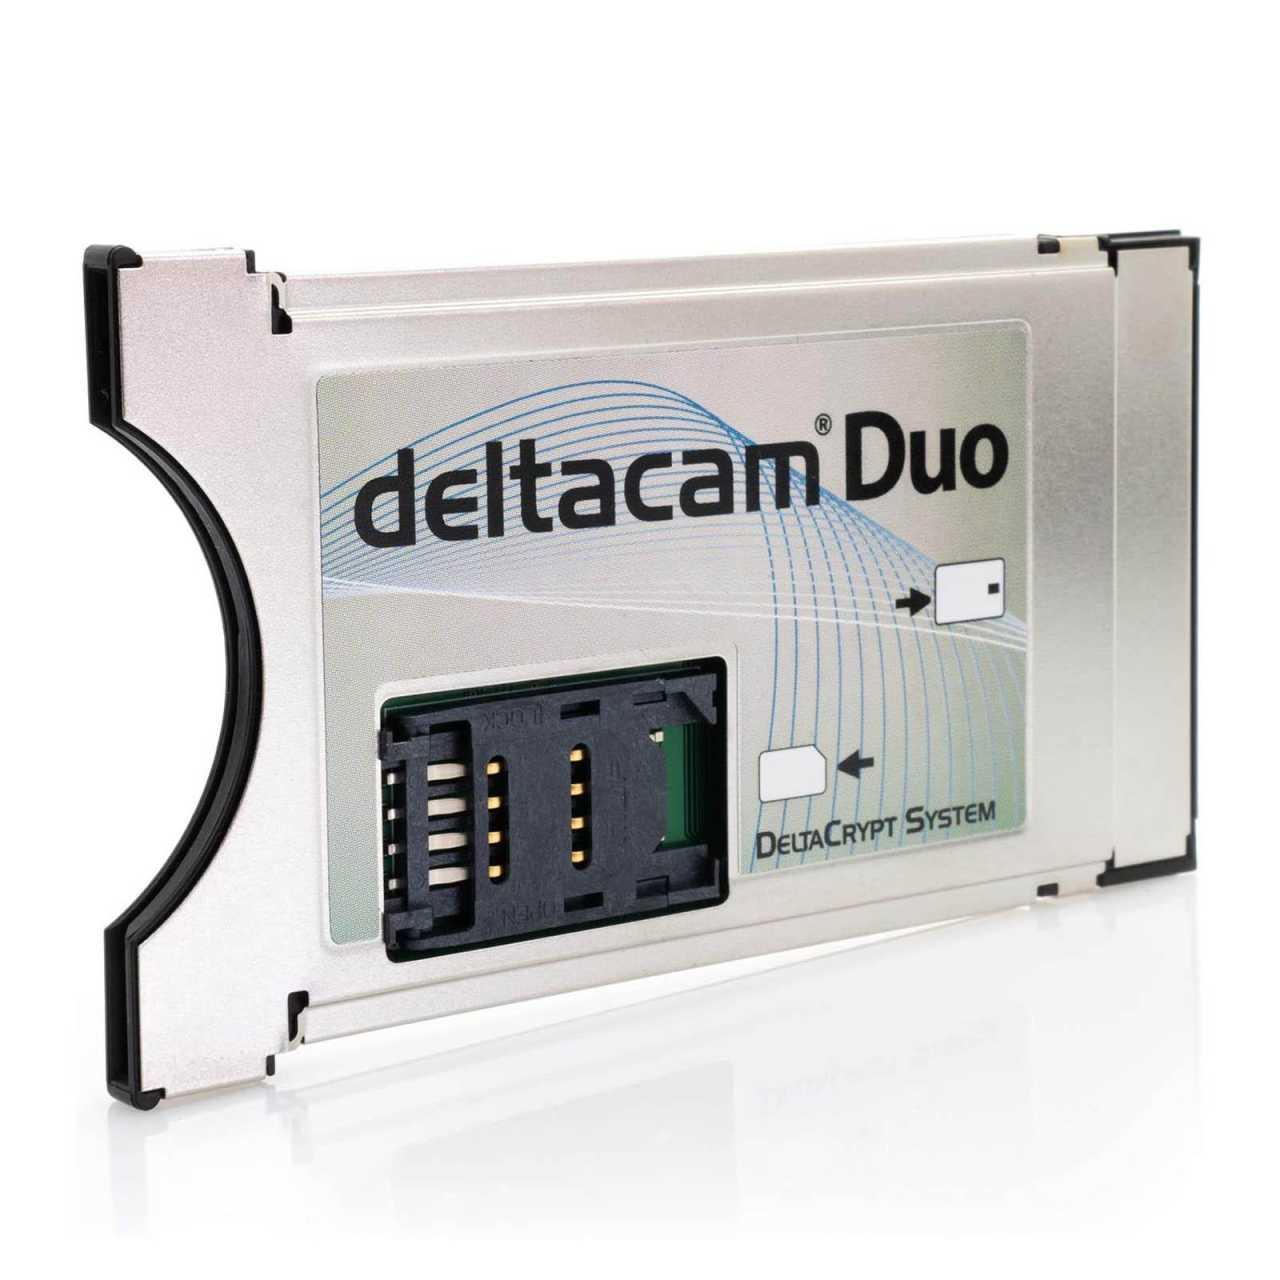 Deltacam Duo Twin CI Modul mit DeltaCrypt-Verschlüsselung 3.0 - Neue Hardware ZUBCIM069